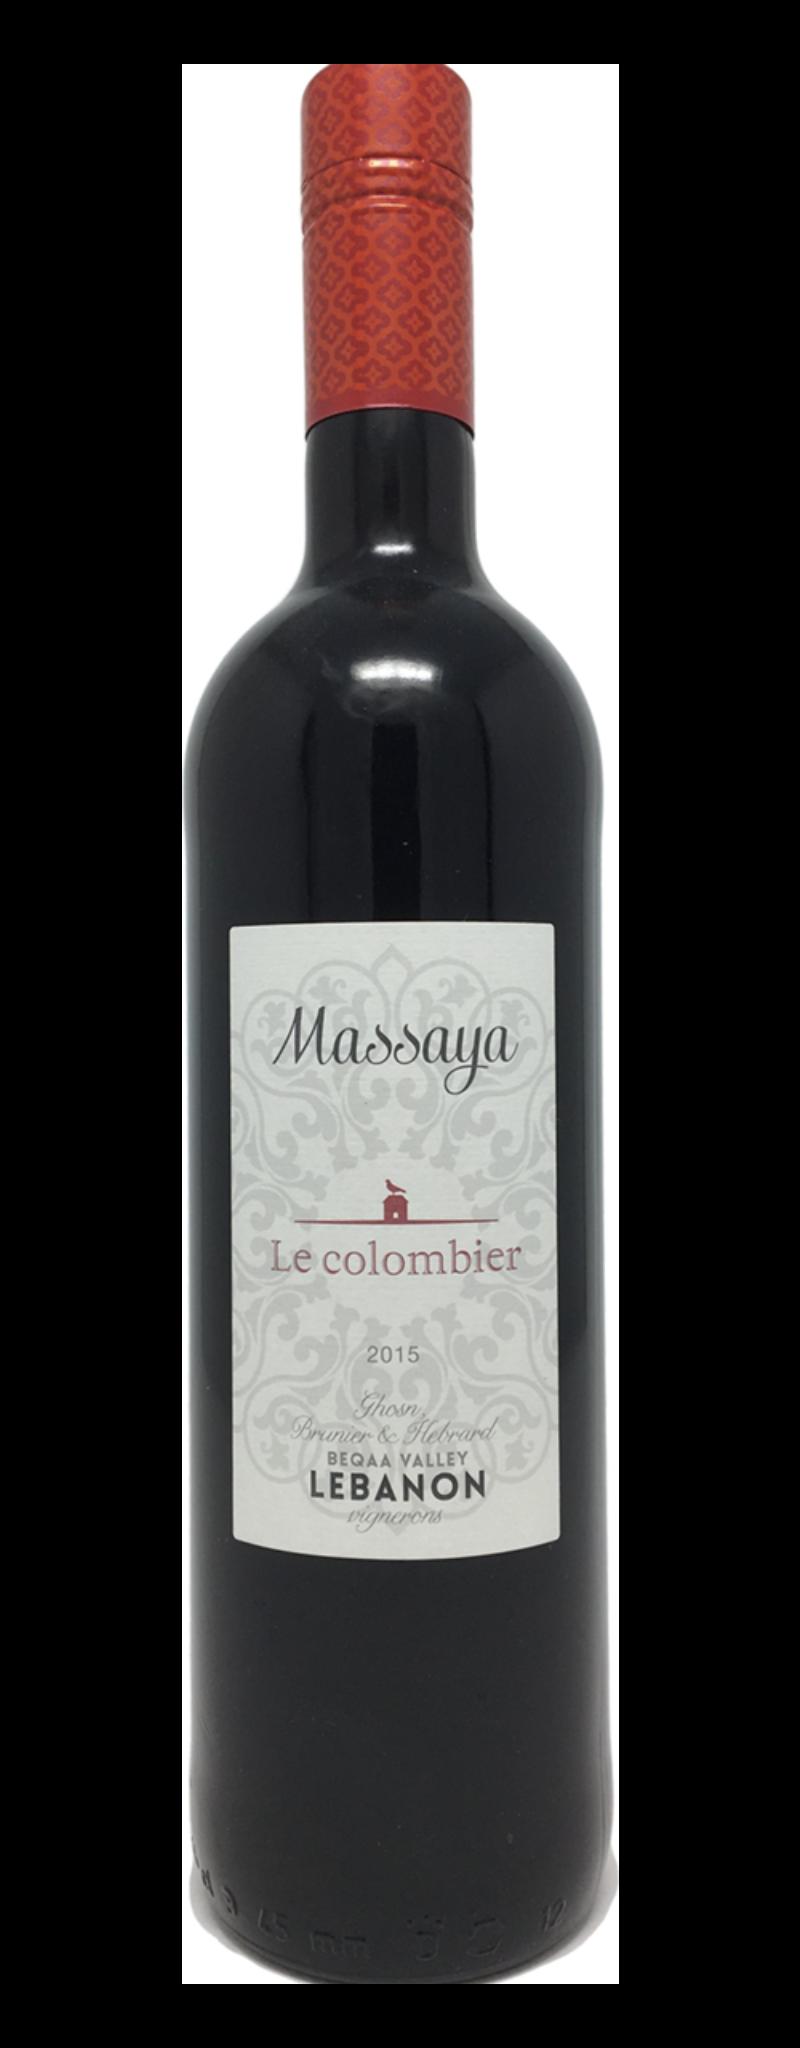 Massaya La colombier  - 750ml